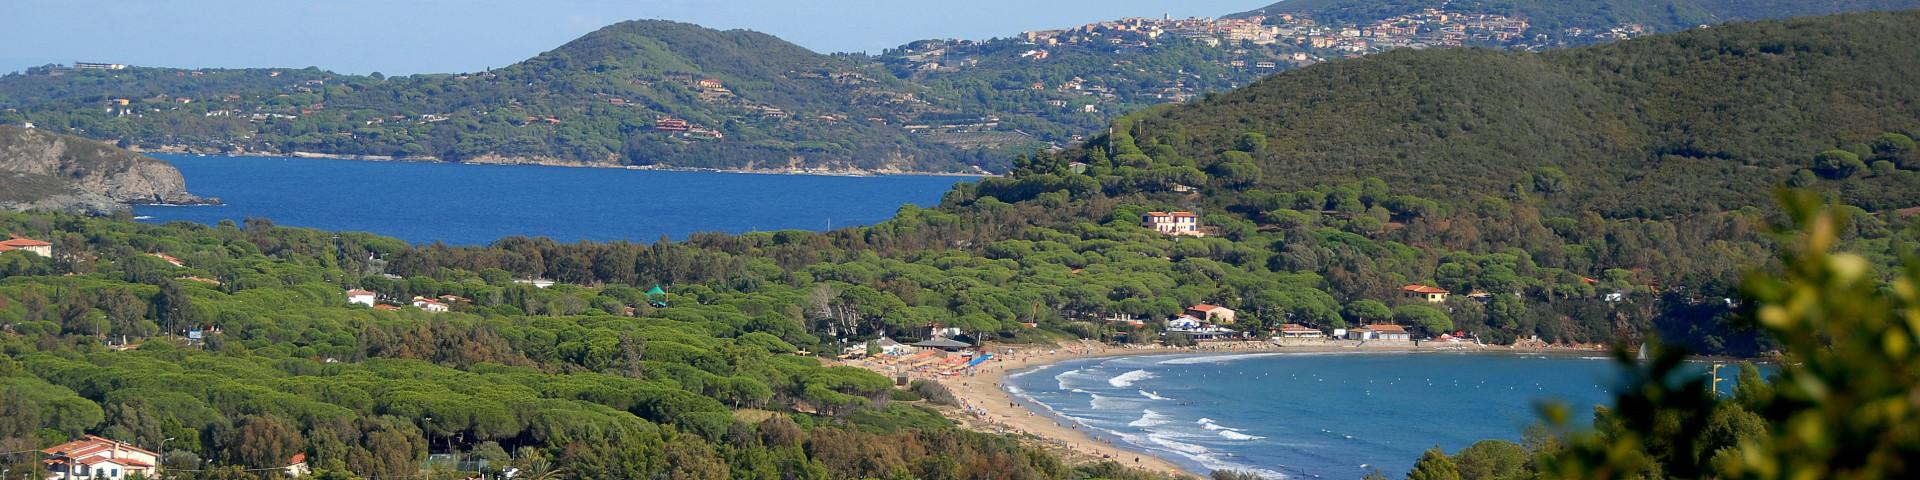 Elba, Lacona, pohled na písčitou pláž i vzdálenější oblázkovou, v pozadí Capoliveri